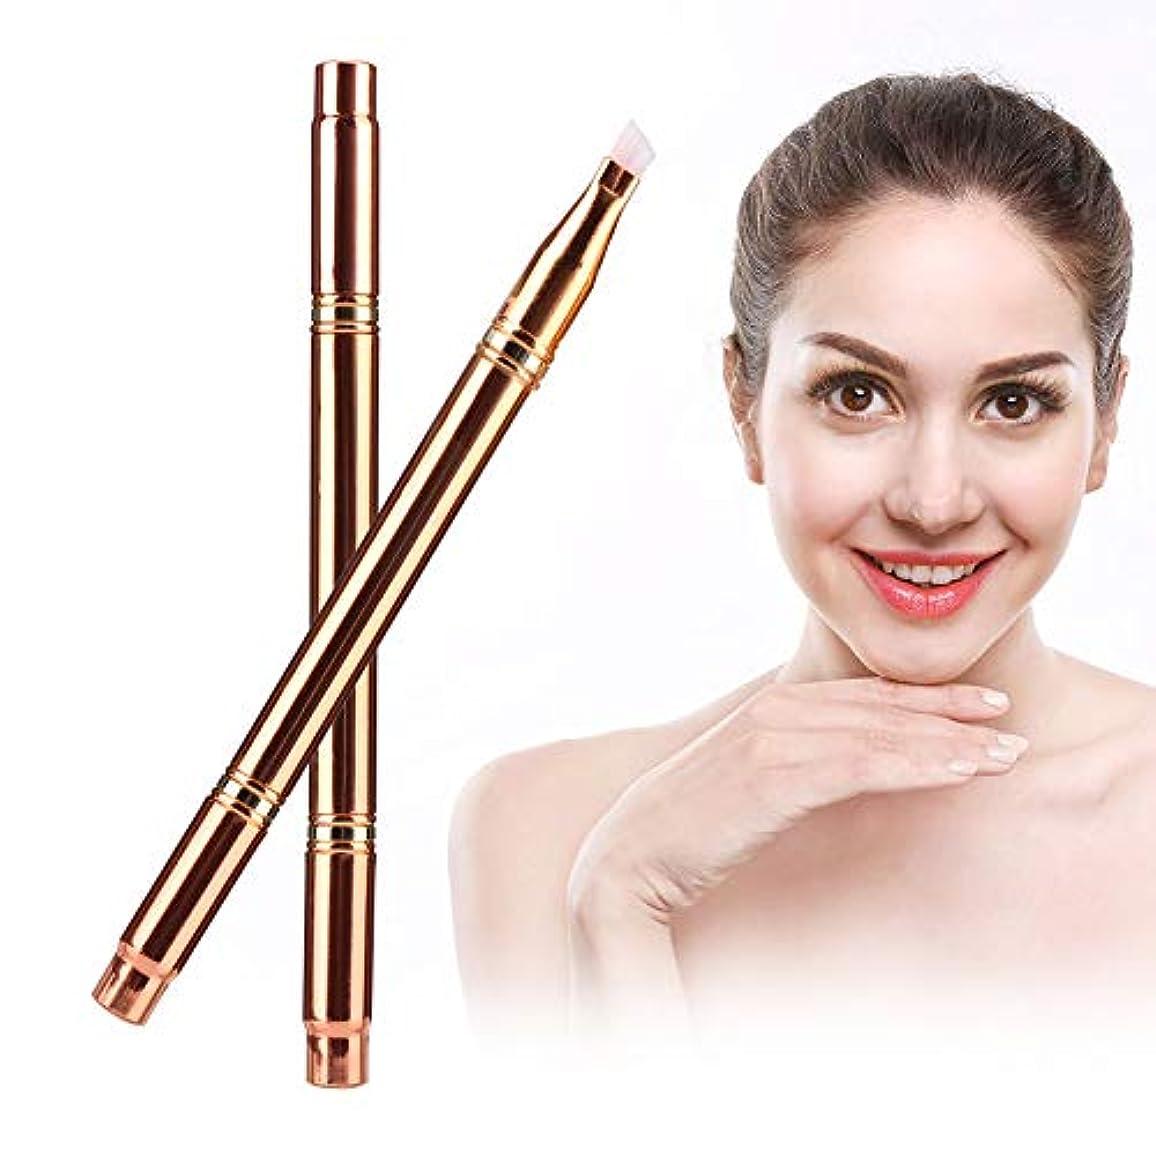 多機能ポ ータブル 化粧ブラシ 眉毛リップハイライト 化粧道具(02)